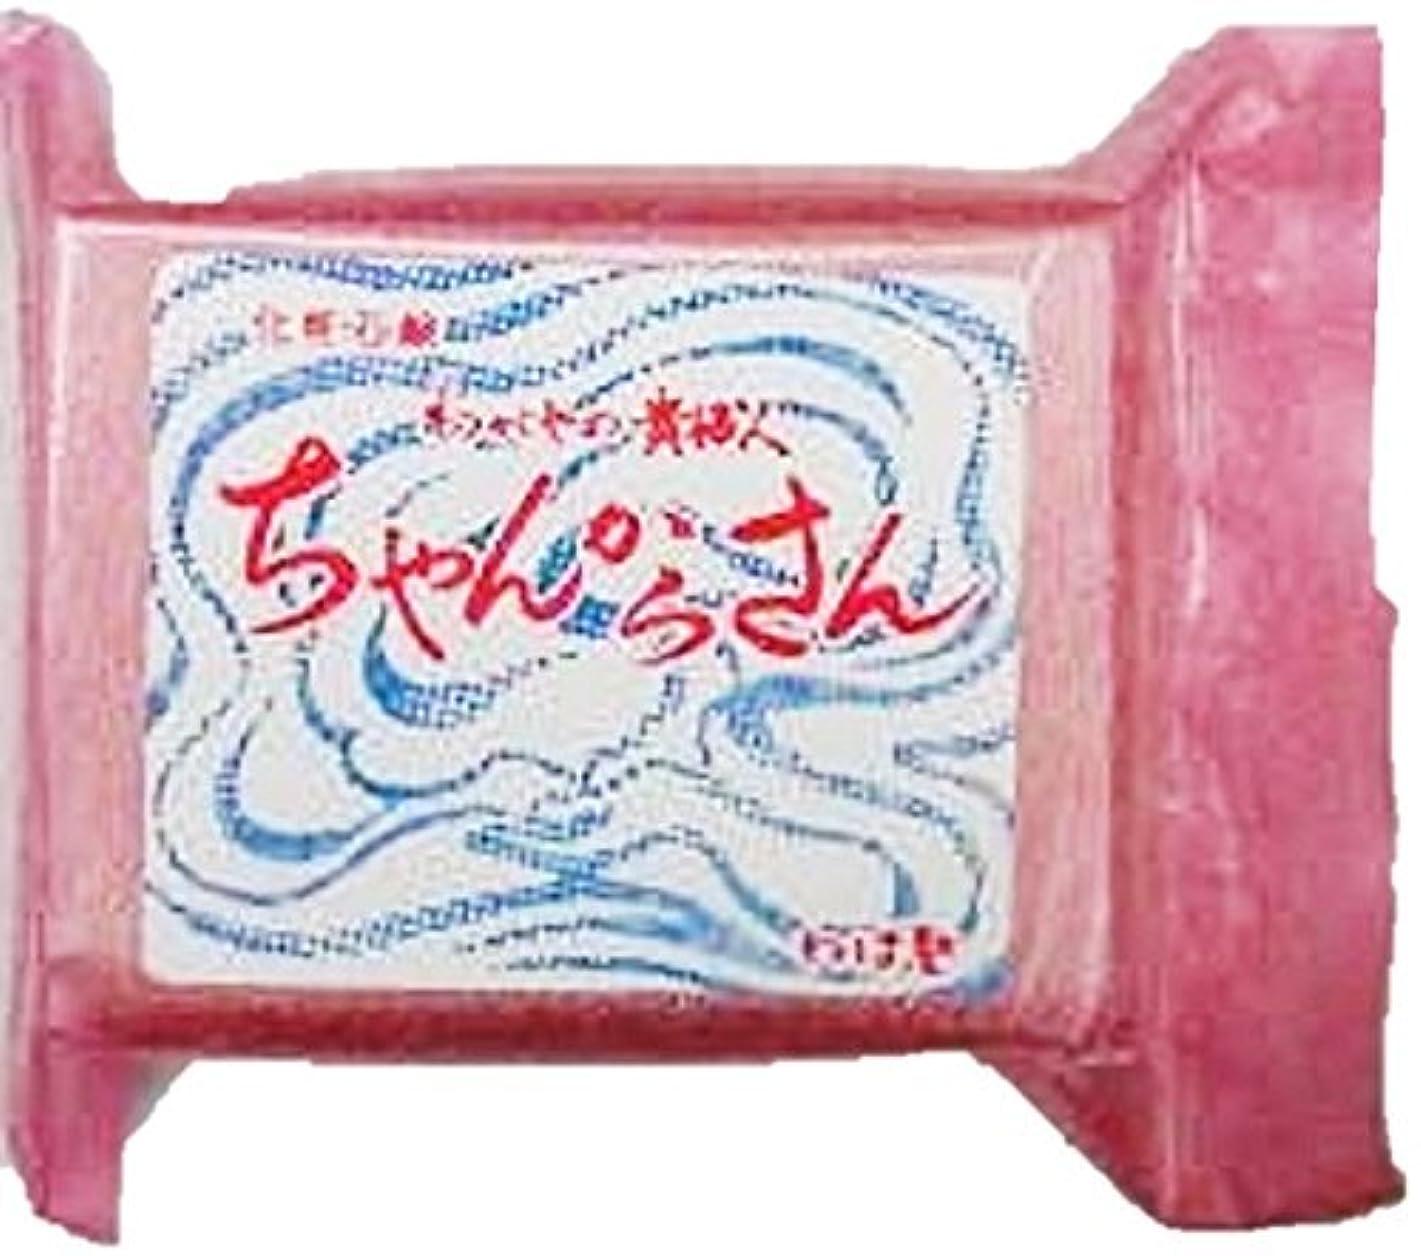 スティック地下室アクセスちゃんからさん 化粧石鹸 (95g)